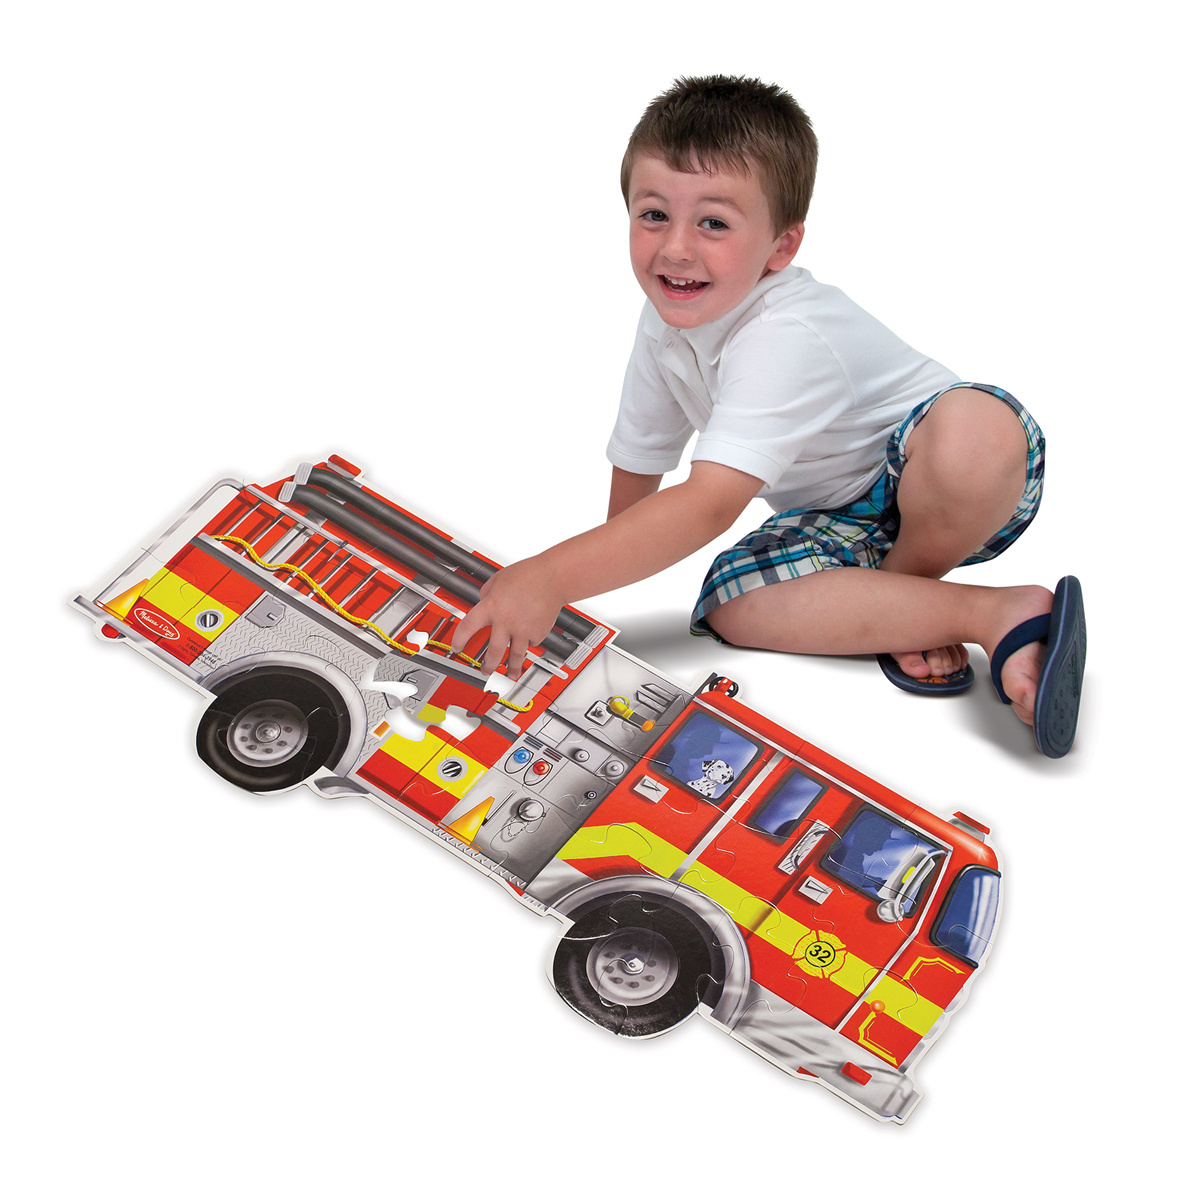 Купить Напольный пазл - Пожарная машина, 24 элемента, Melissa&Doug